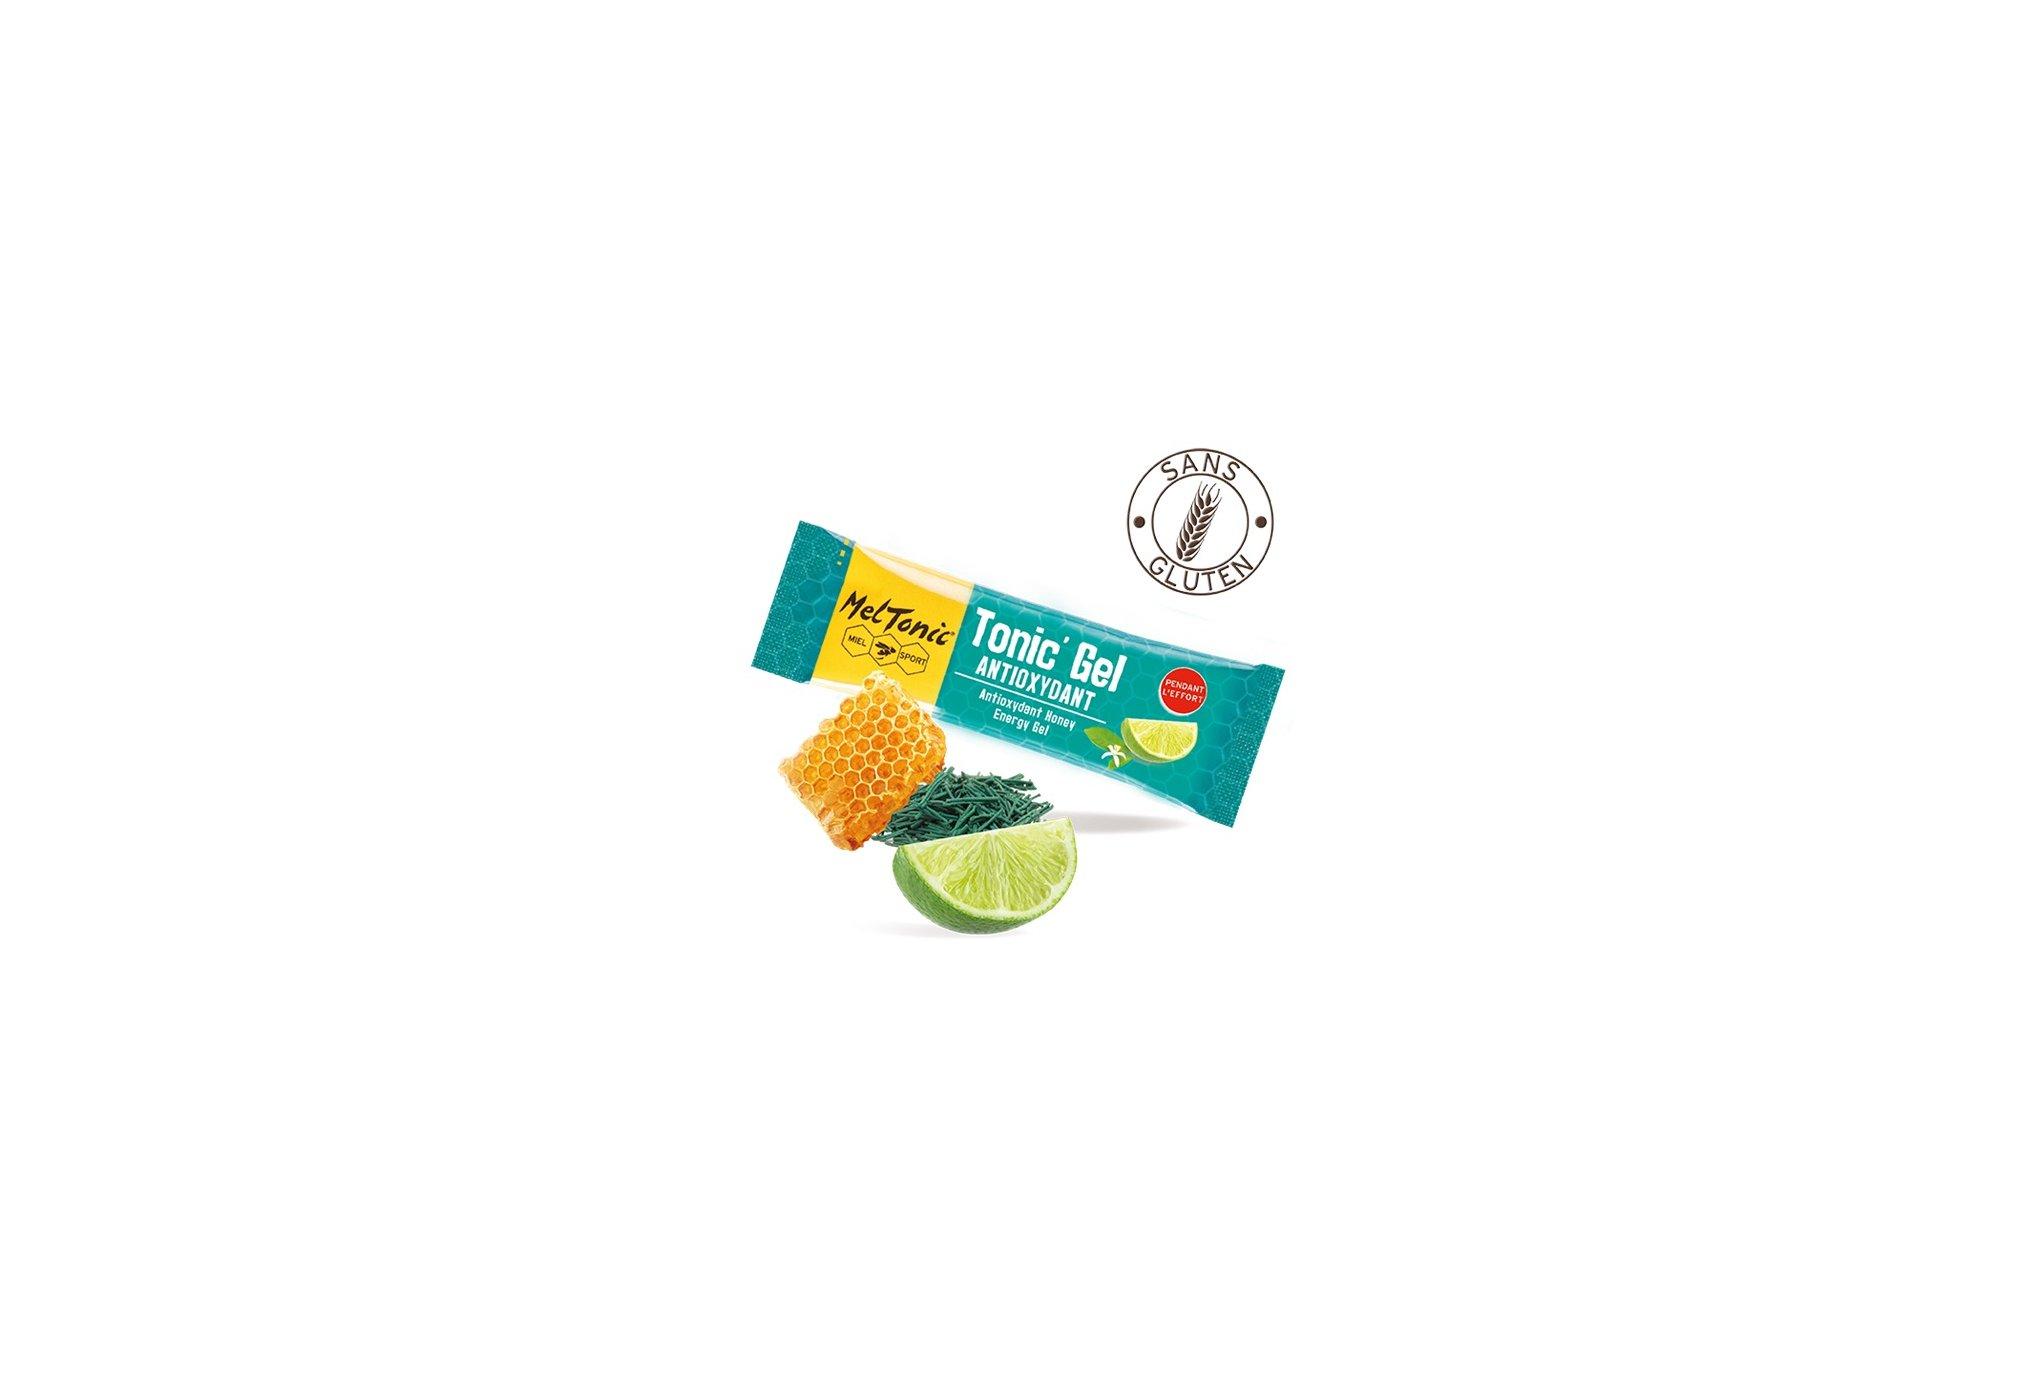 MelTonic Tonic'Gel Antioxidante Diététique Gels